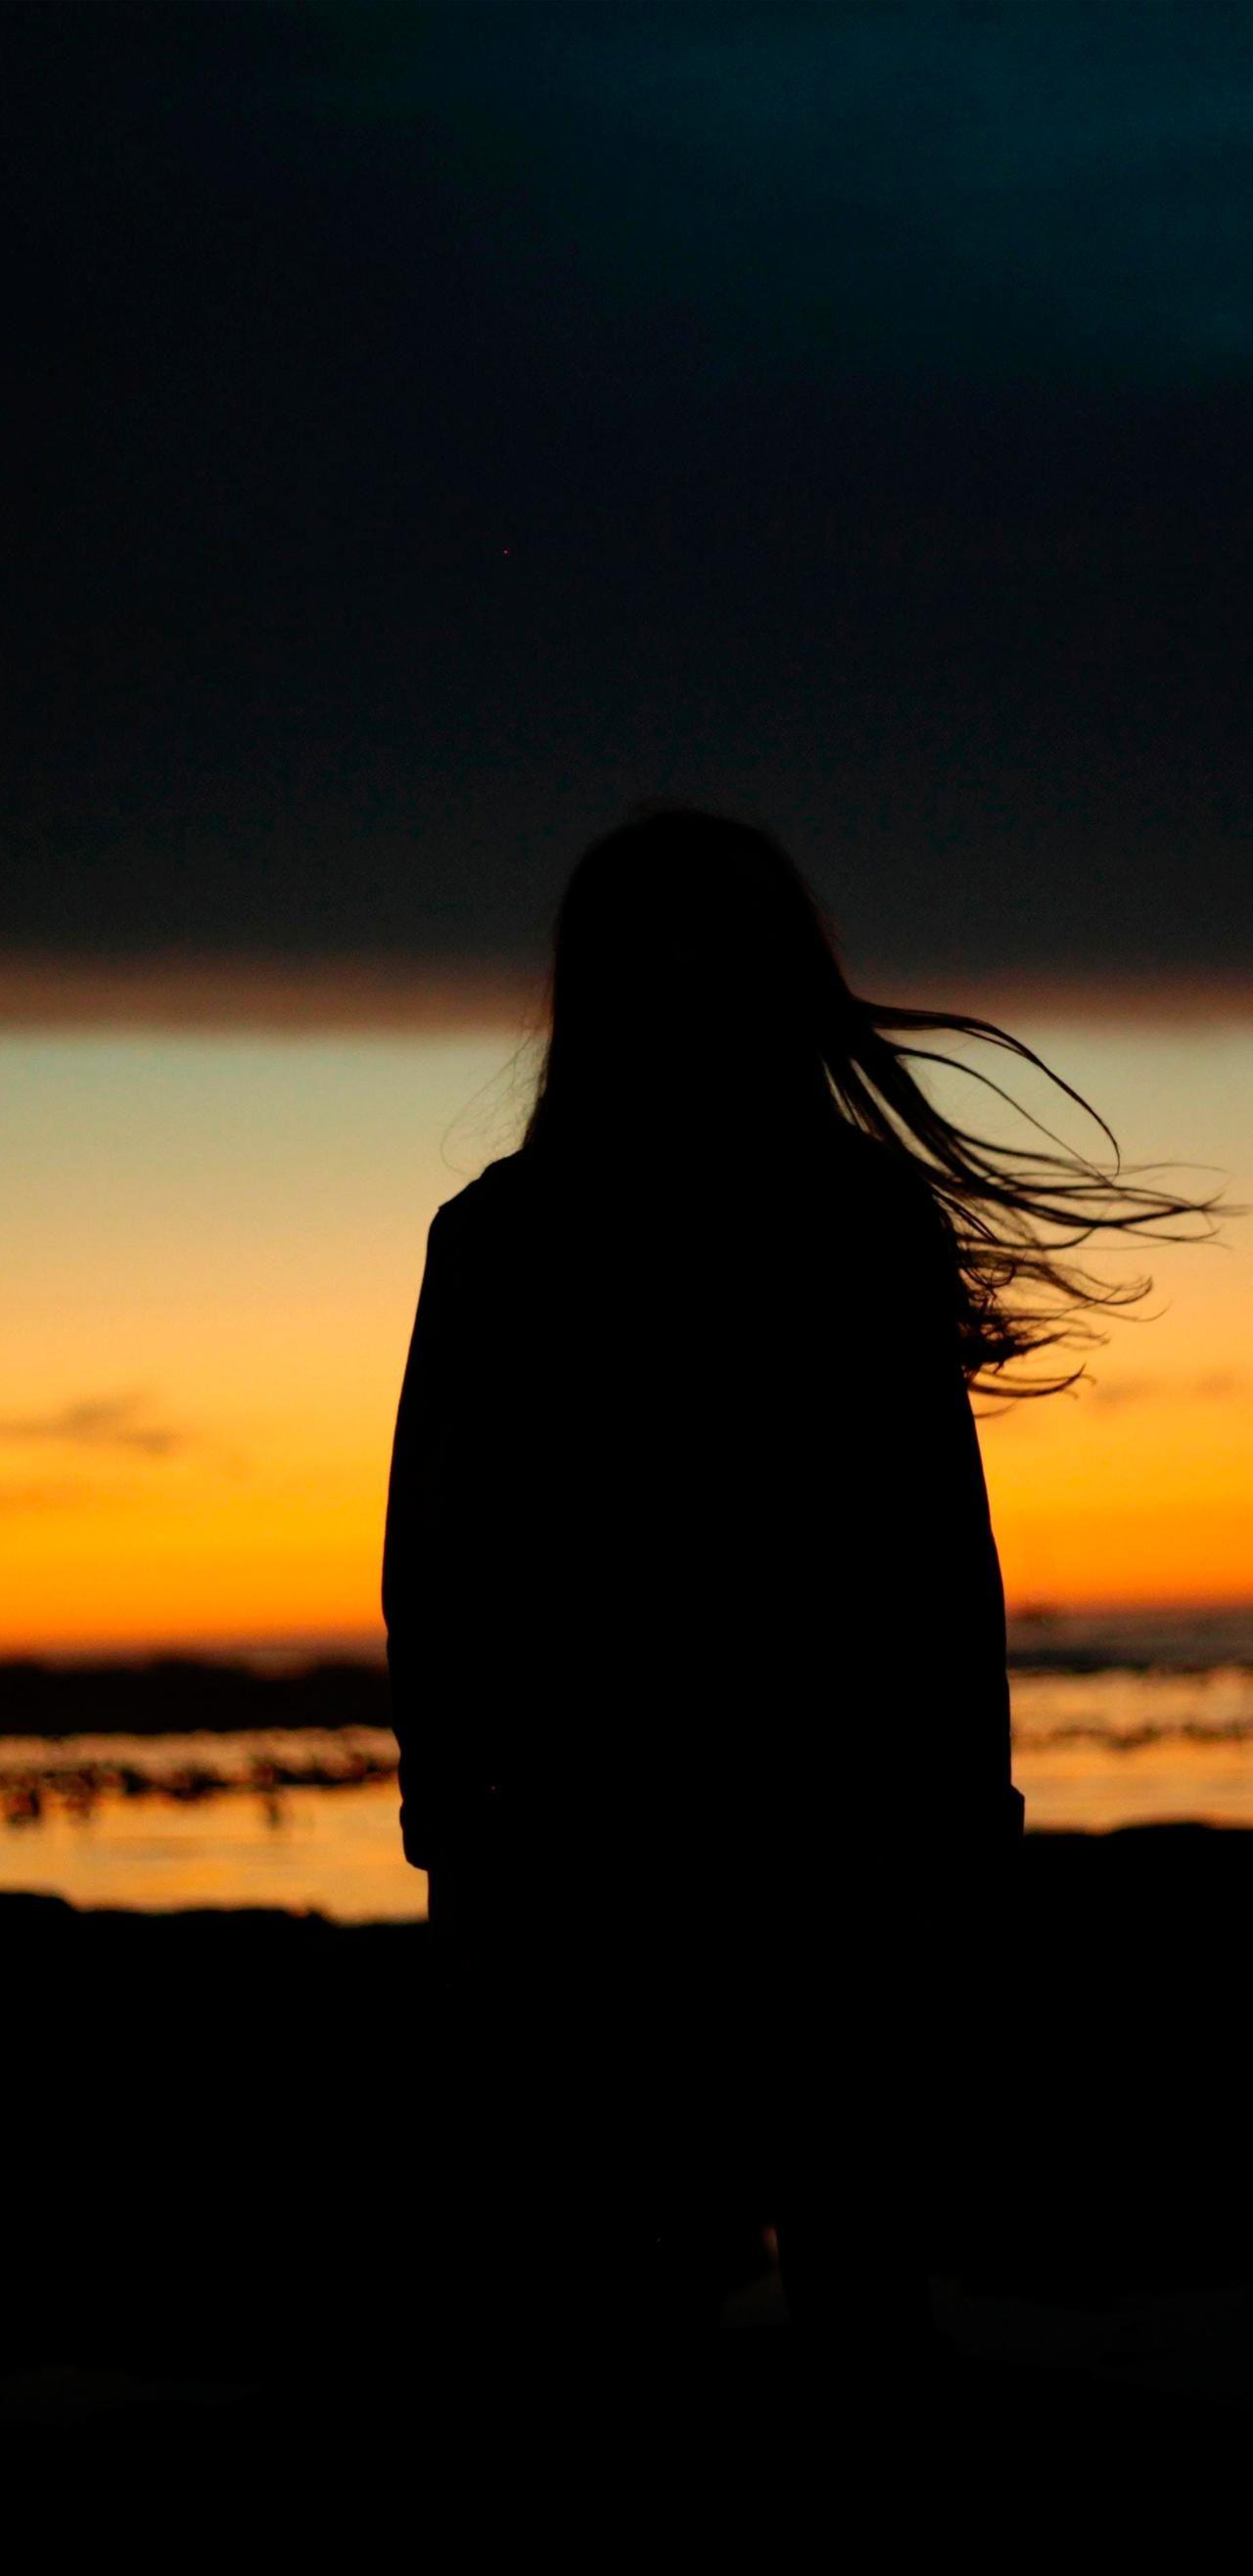 Sunset Girl Wallpaper By Efforfake On Deviantart Sunset Girl Sunset Pictures Girl Silhouette